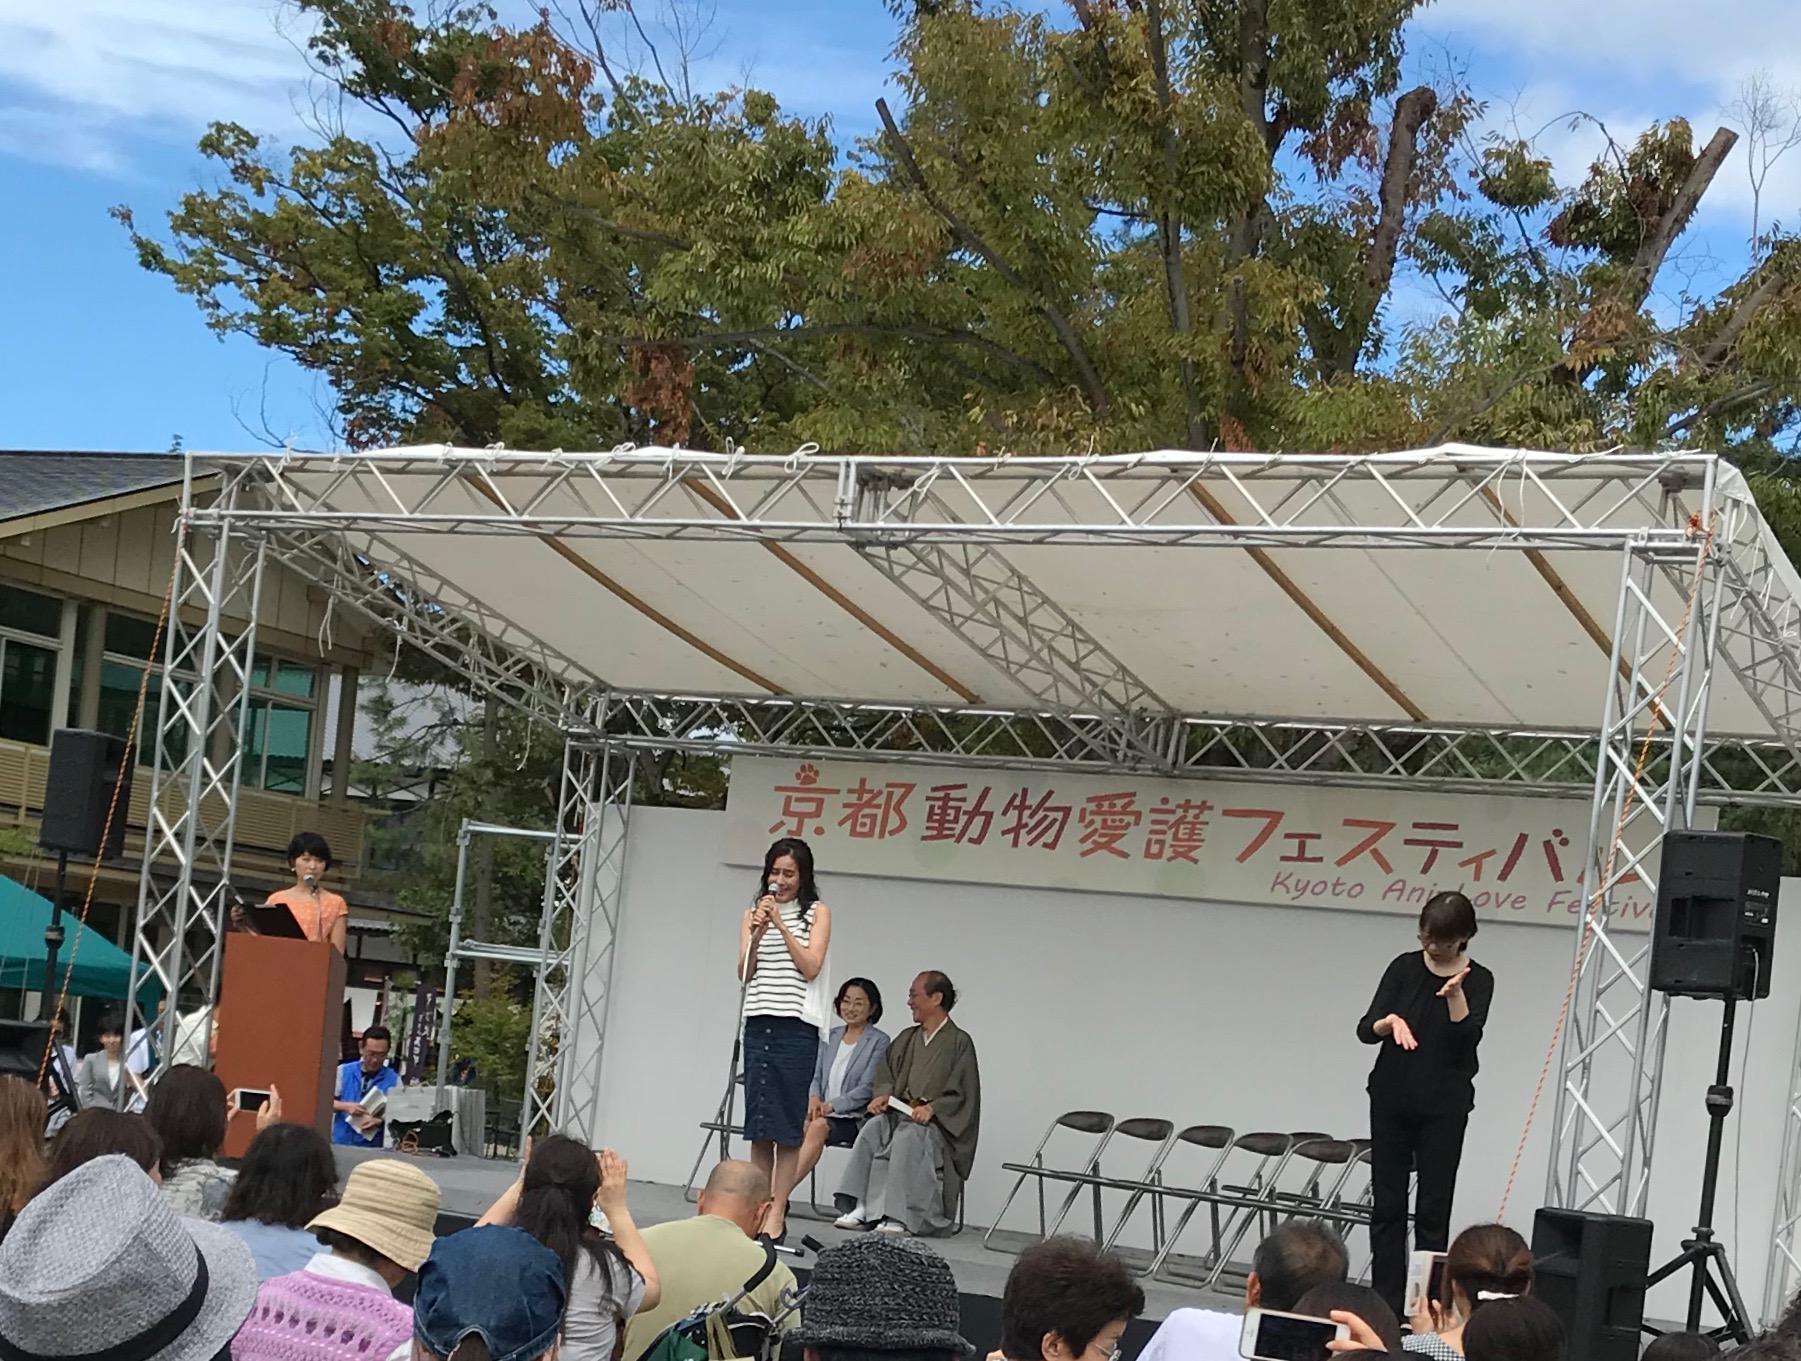 京都動物愛護フェスティバル2018